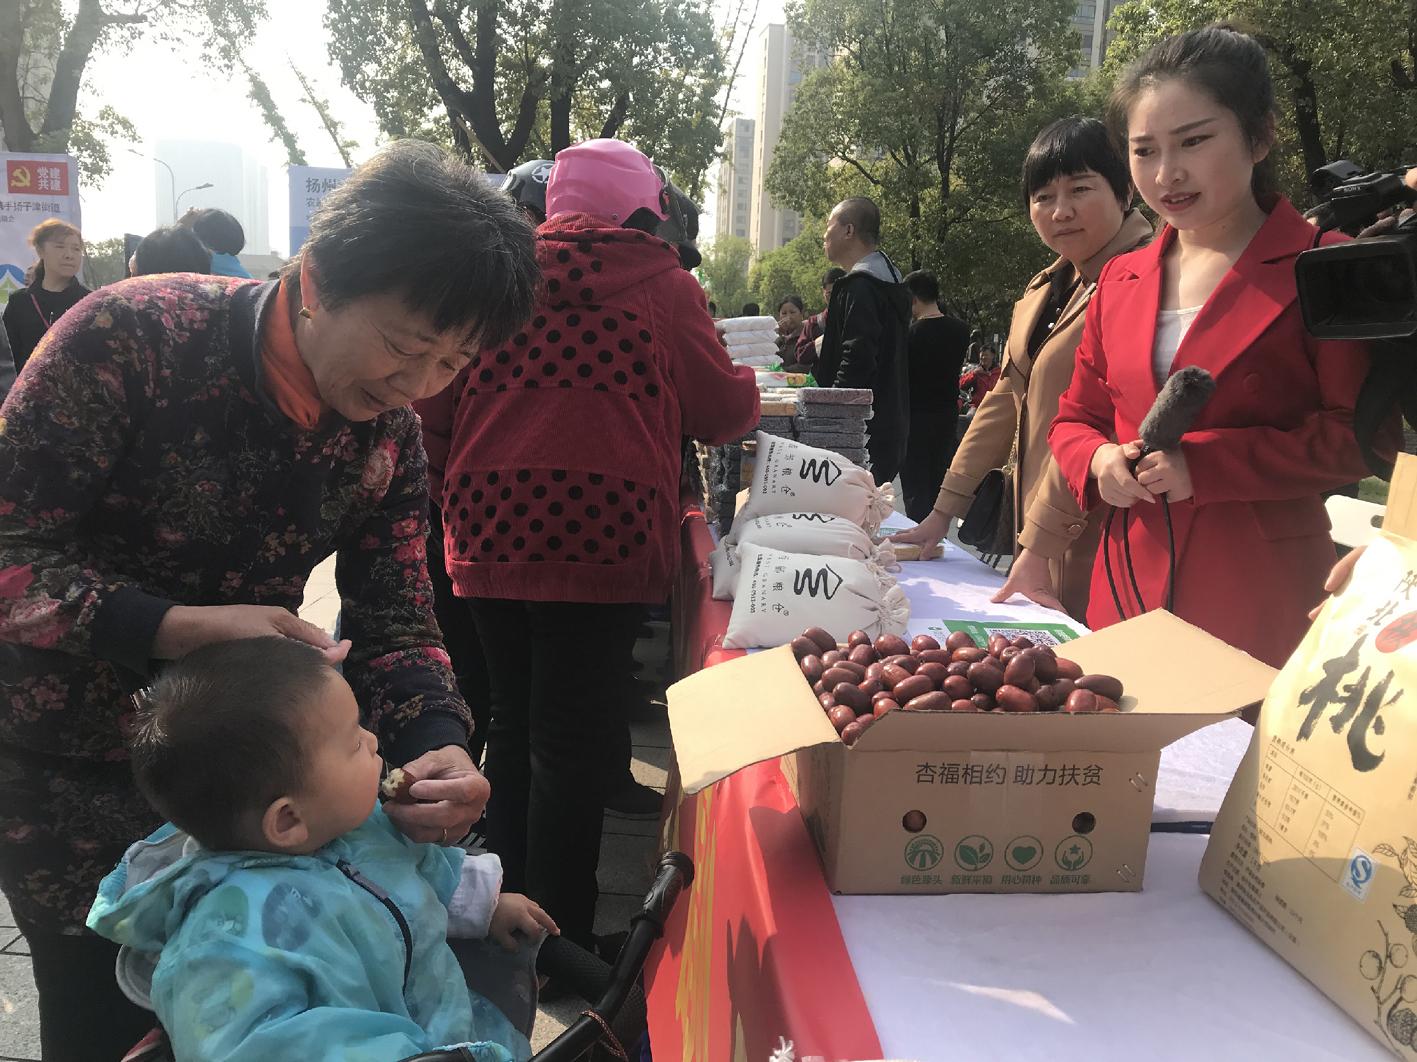 清涧农特产品亮相展销会消费扶贫释放爱的力量